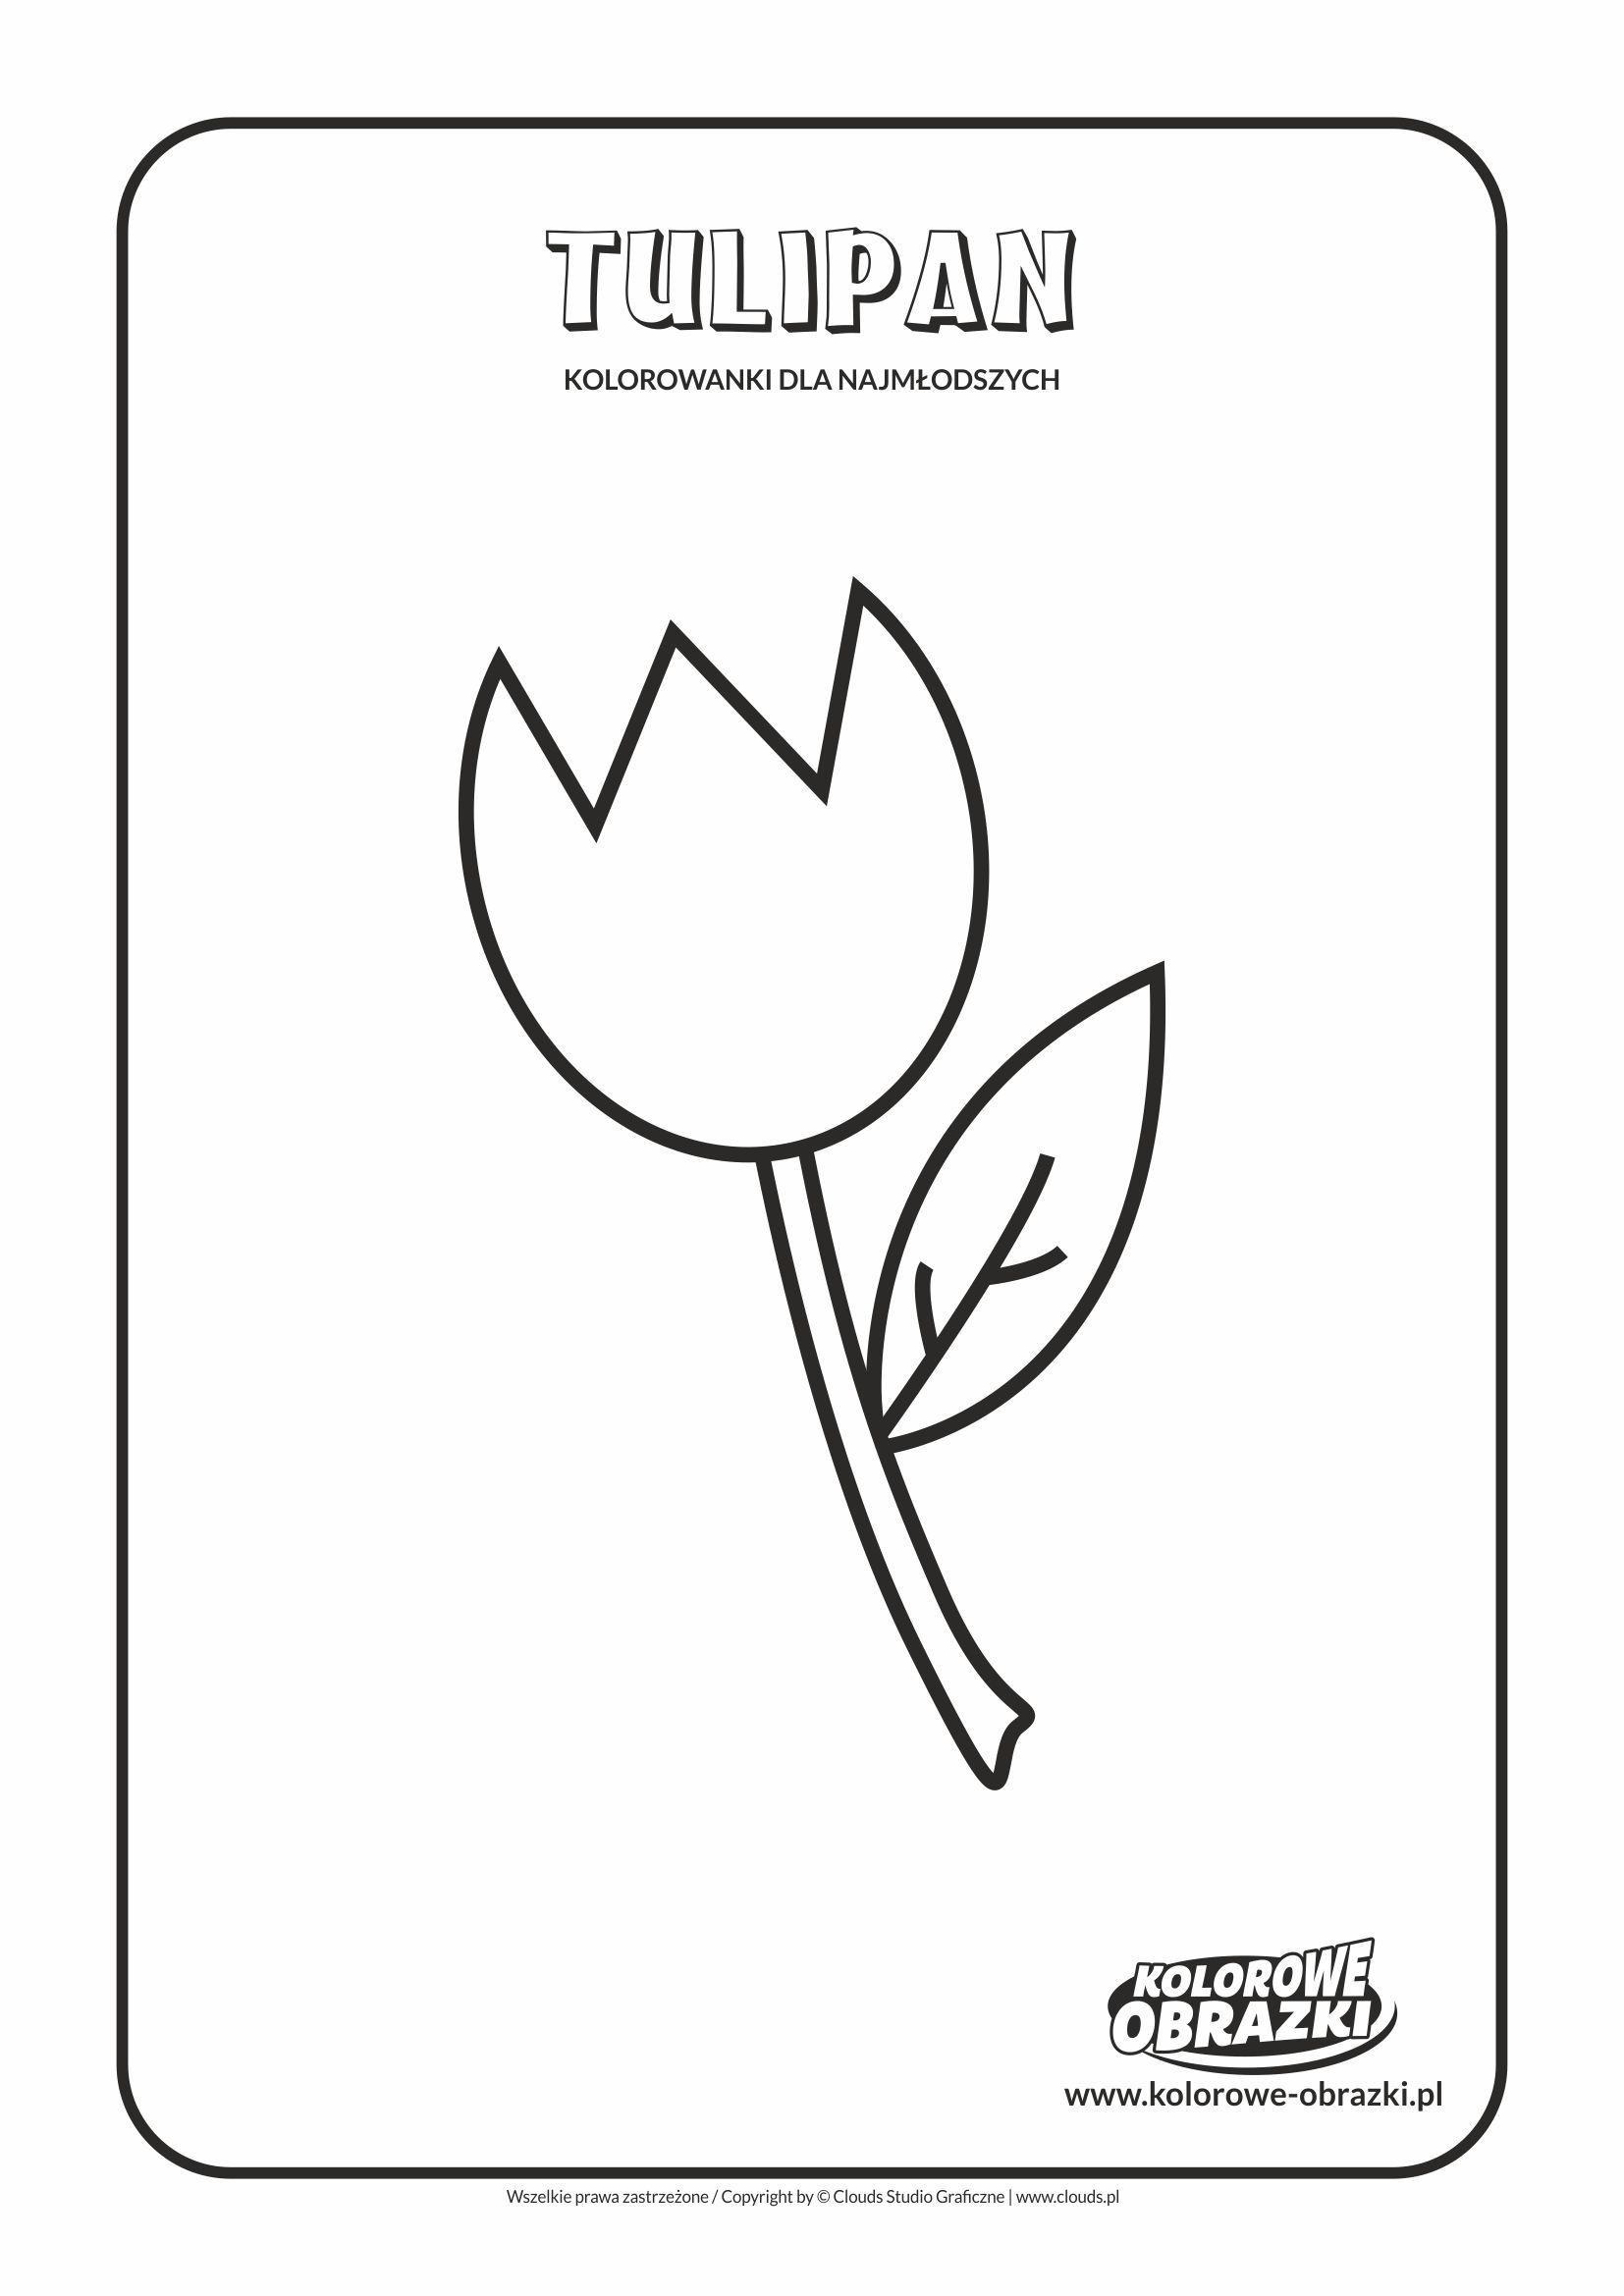 Proste Kolorowanki Dla Najmlodszych Kwiaty Tulipan Kolorowanka Z Tulipanem Art Home Decor Decals